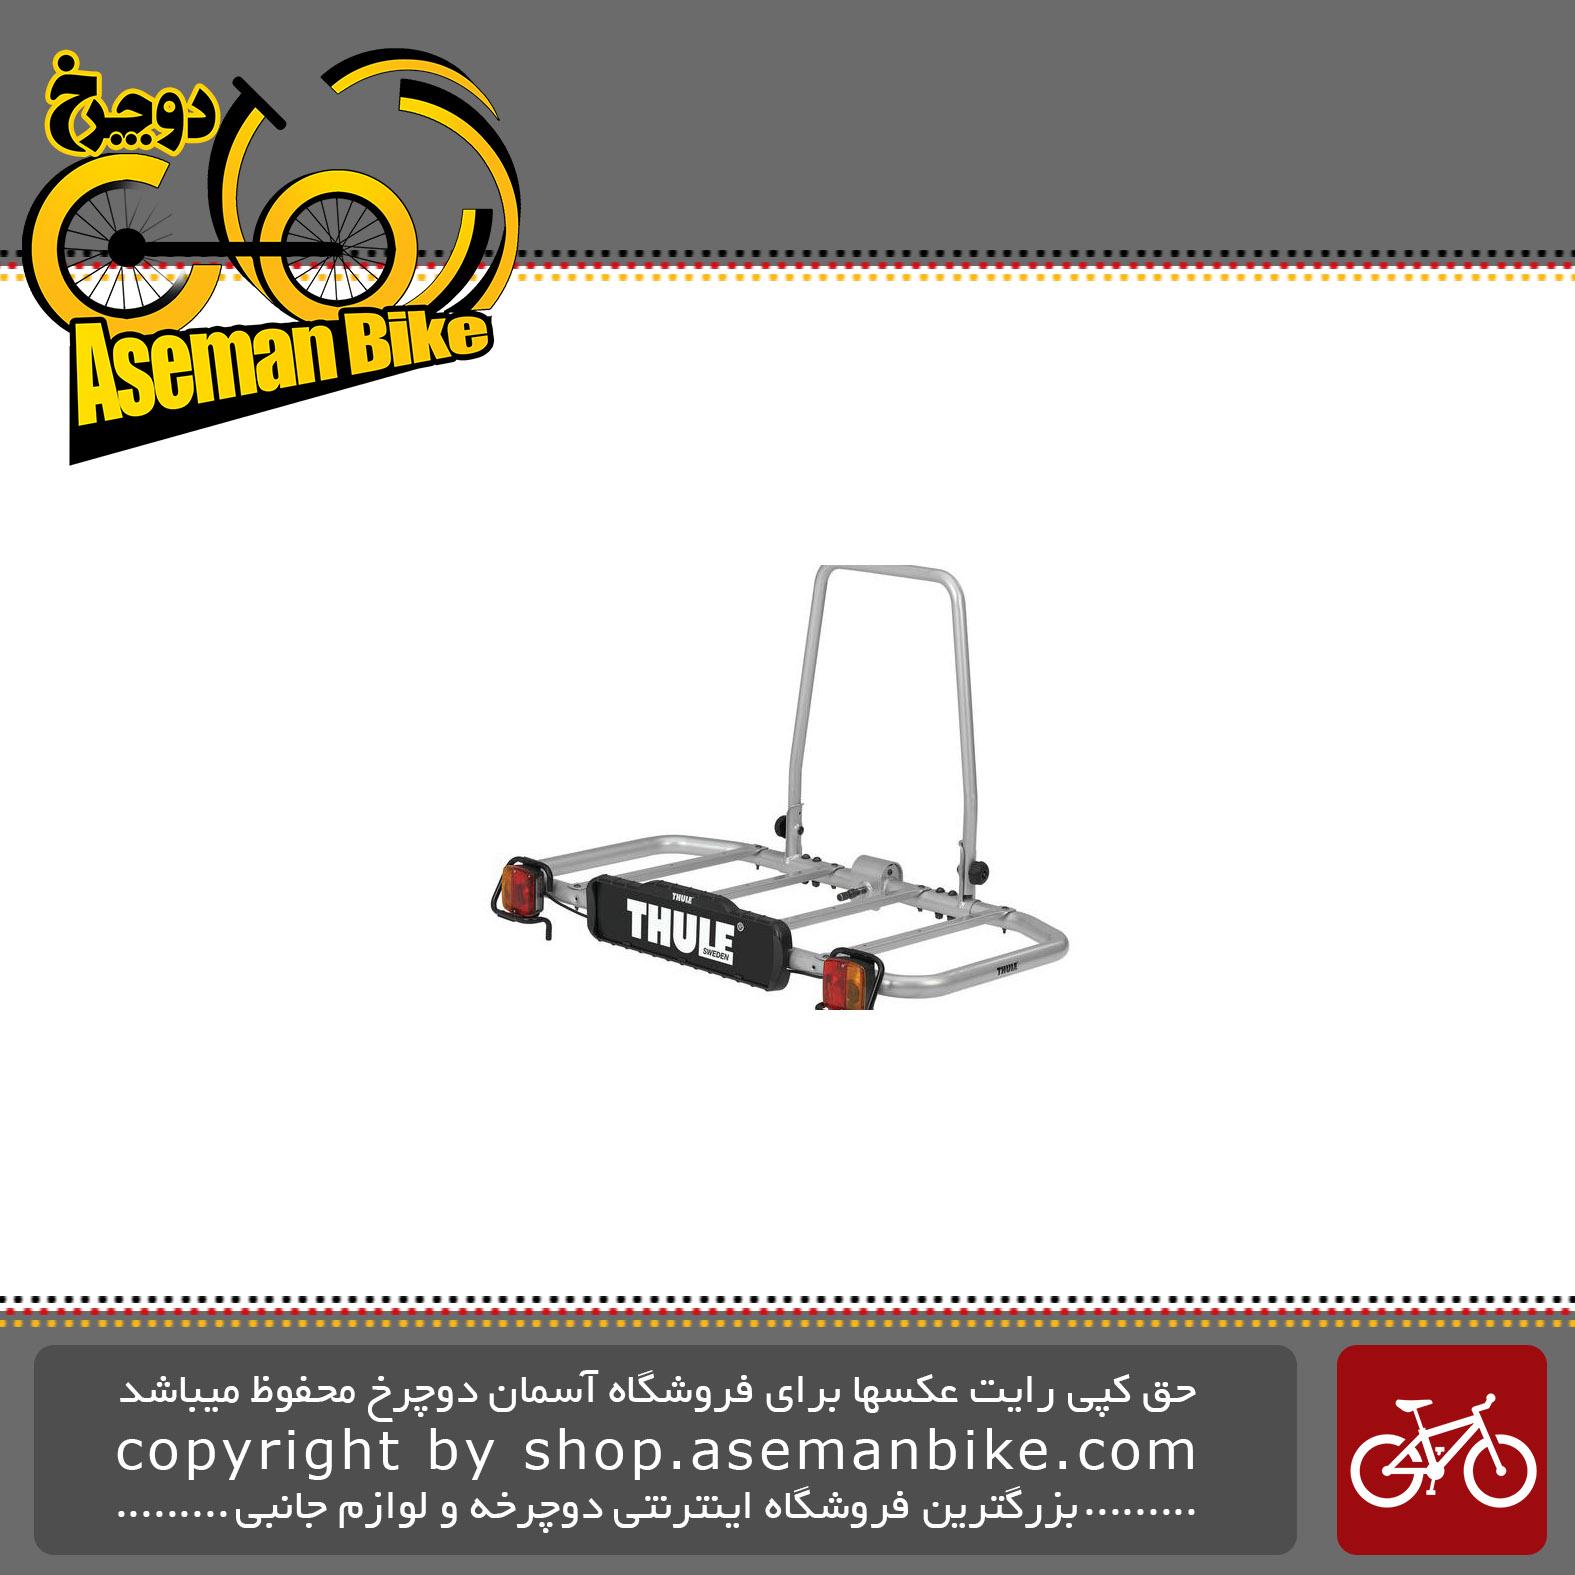 باربند تول مخصوص حمل دوچرخه پشت ماشین ایزی وی 949 7 پین Thule EasyBase 949 7 Pin